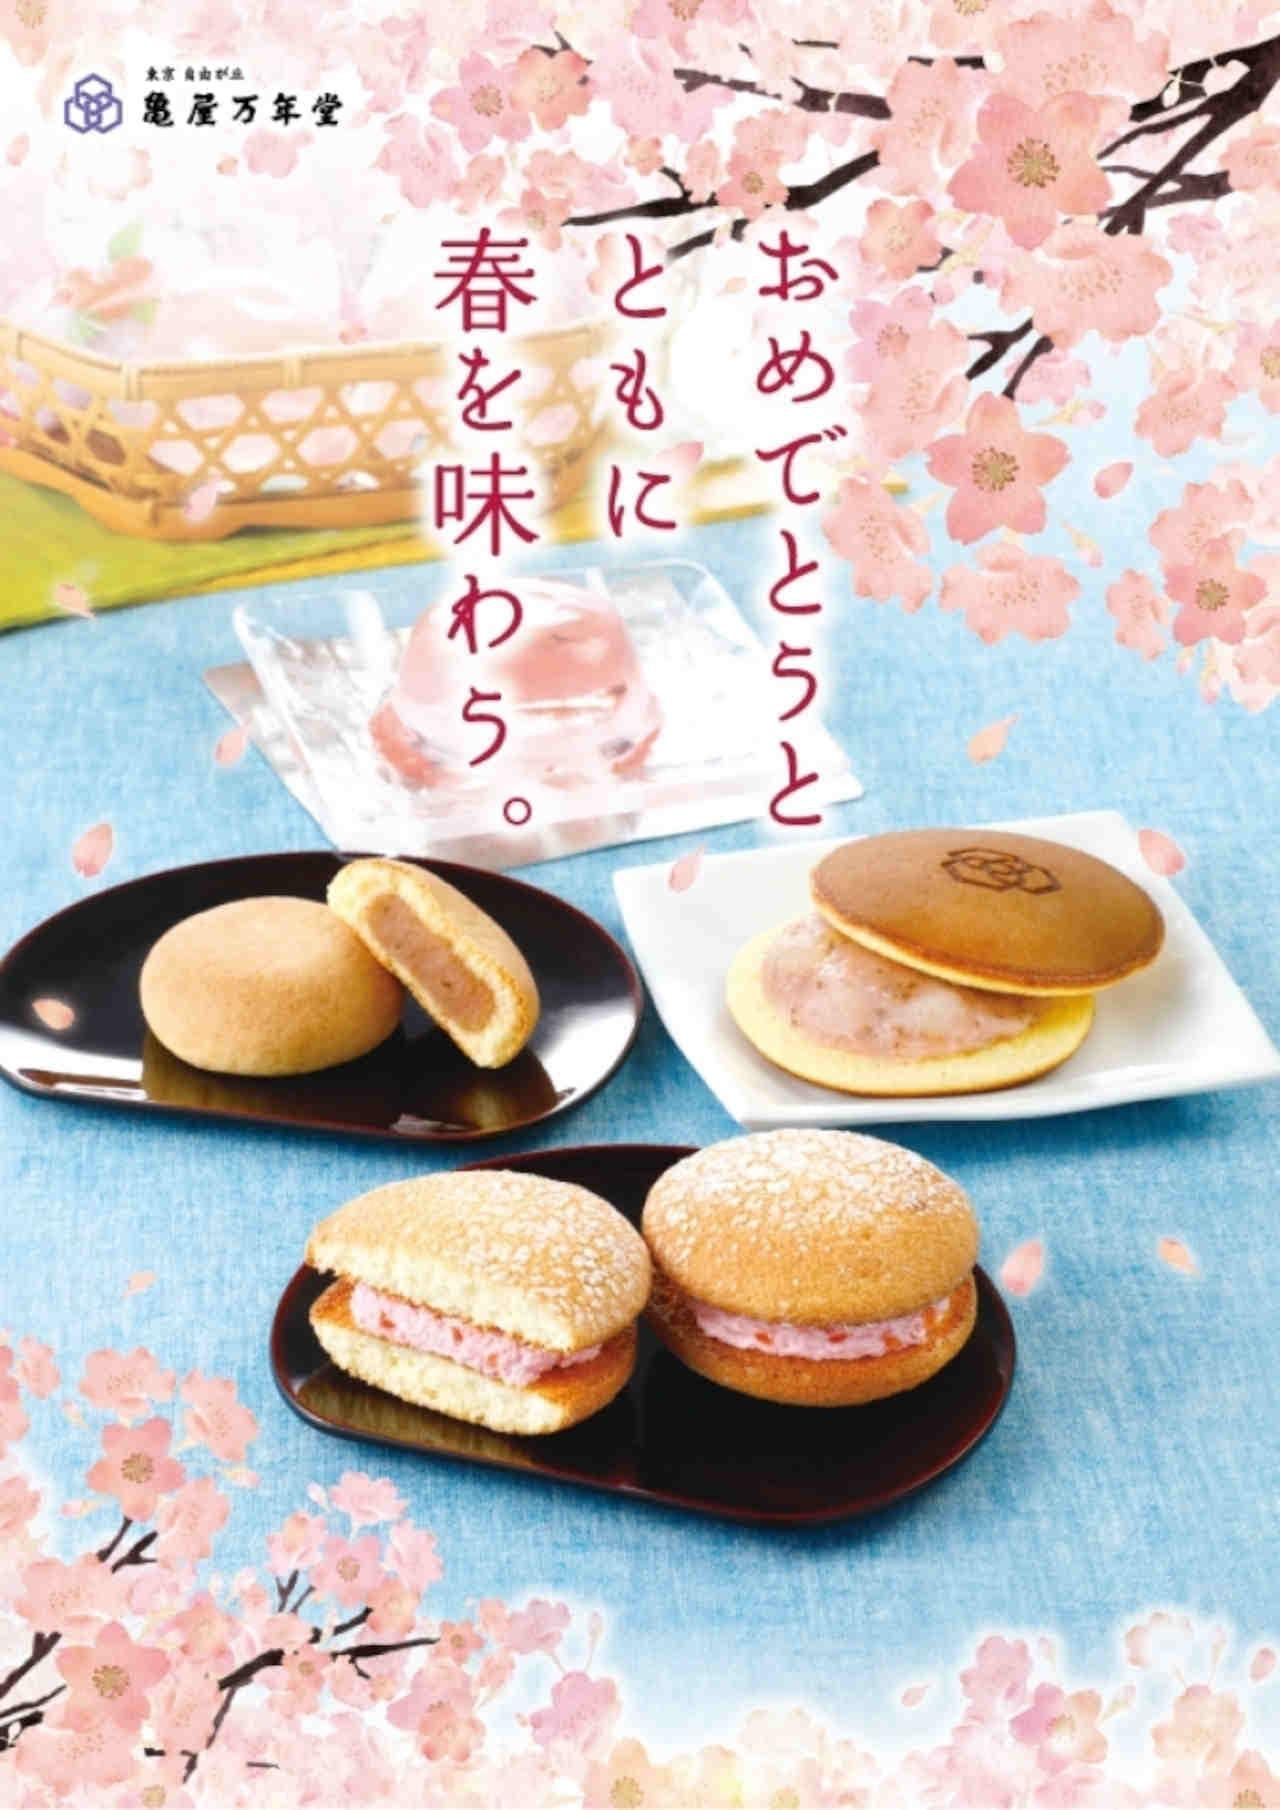 亀屋万年堂「桜菓子」4種まとめ